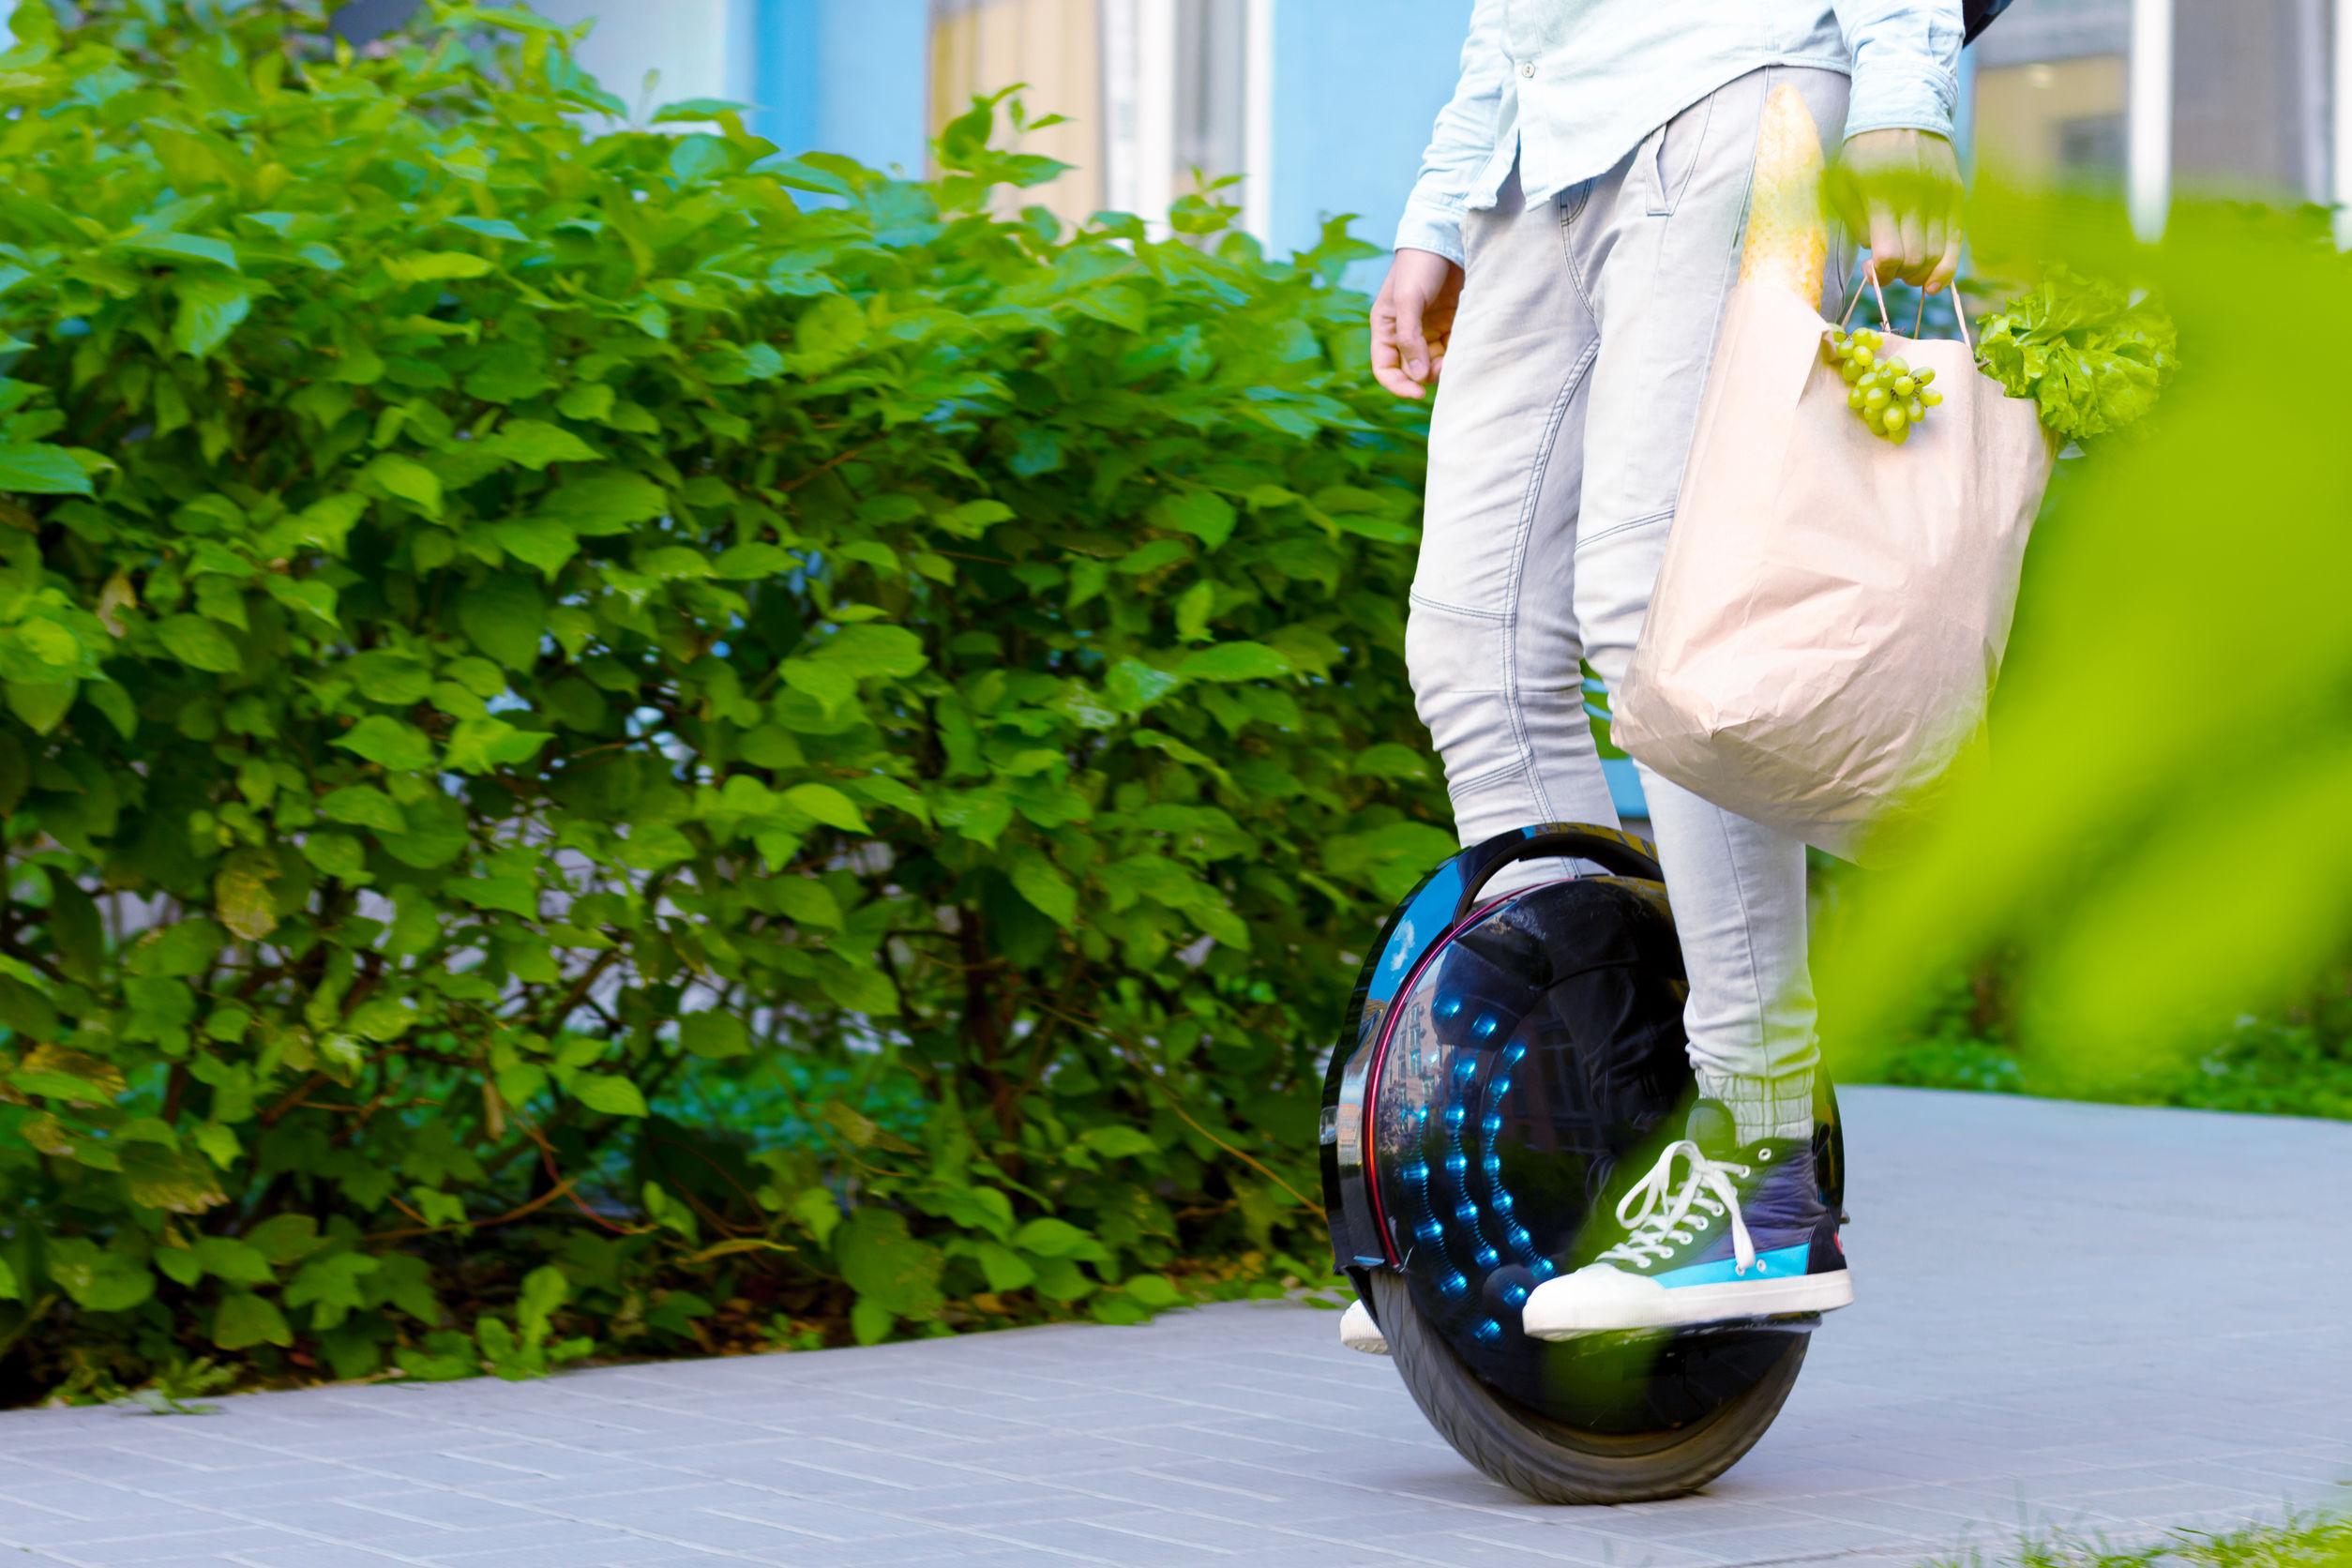 Hombre joven moderno hombre exitoso empresario autónomo con paquete de alimentos, verduras y frutas con monociclo eléctrico ecológico